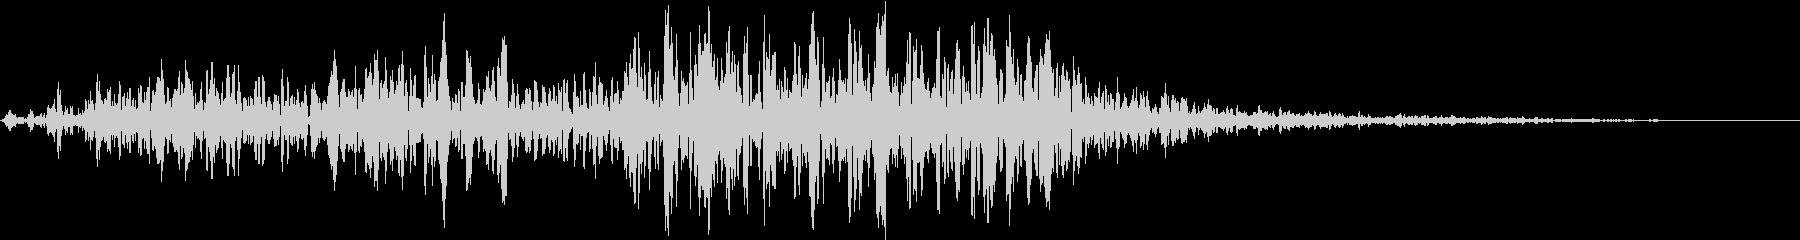 【生録音】フラミンゴの鳴き声 12の未再生の波形